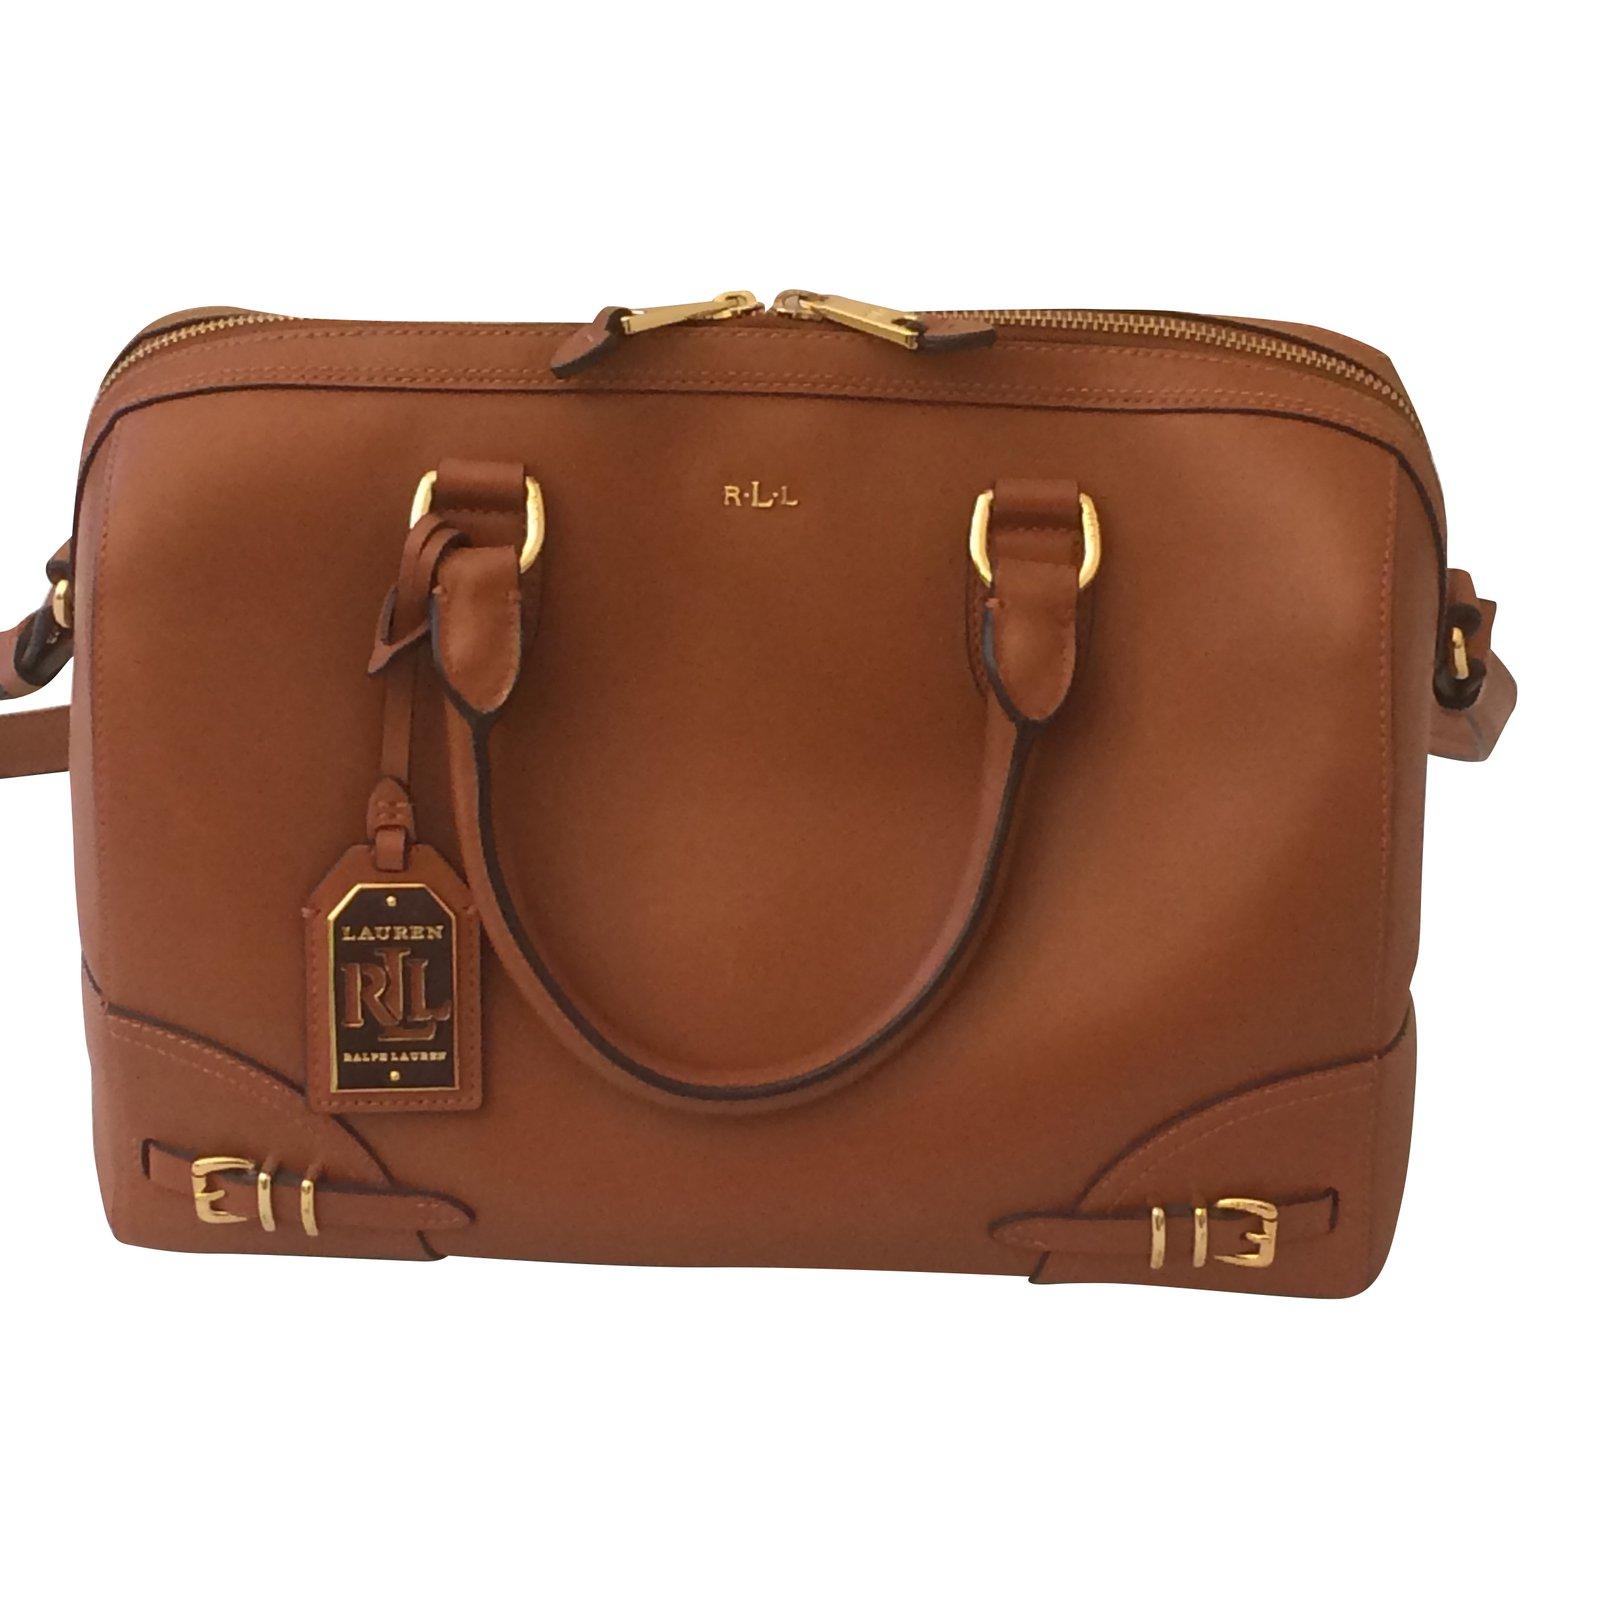 Ralph Lauren Handbags Leather